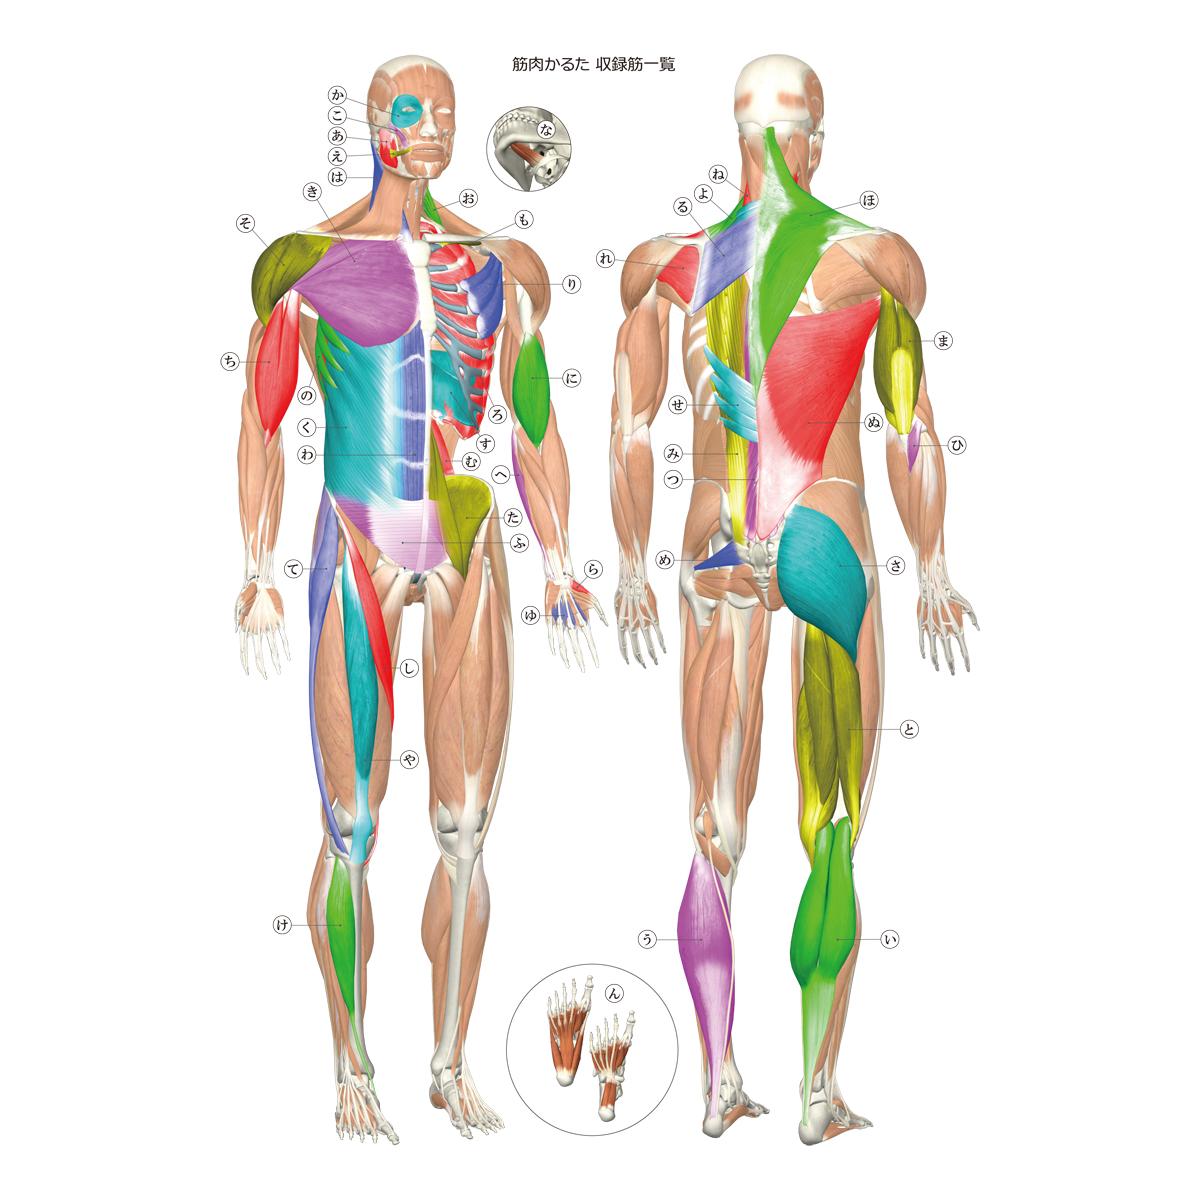 名前 背中 筋肉 ストレッチの種類と名前!特徴や効果を徹底解説!